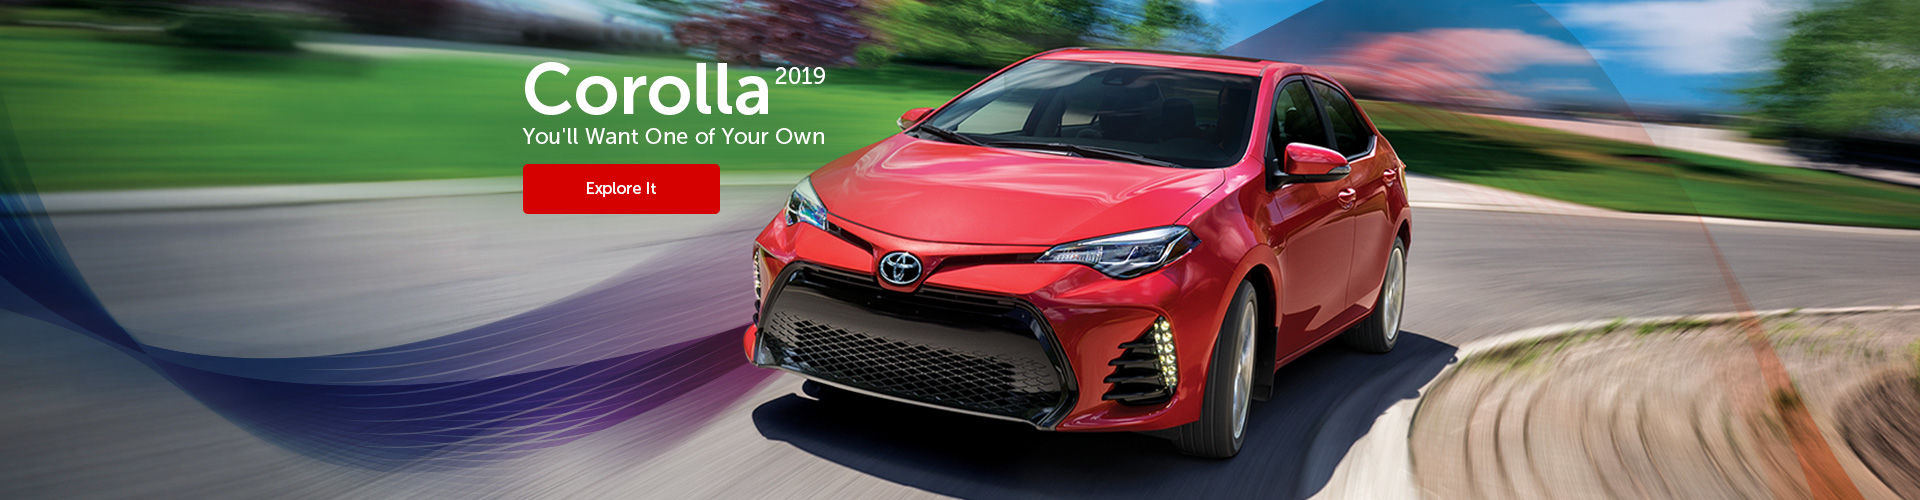 The 2018 Corolla